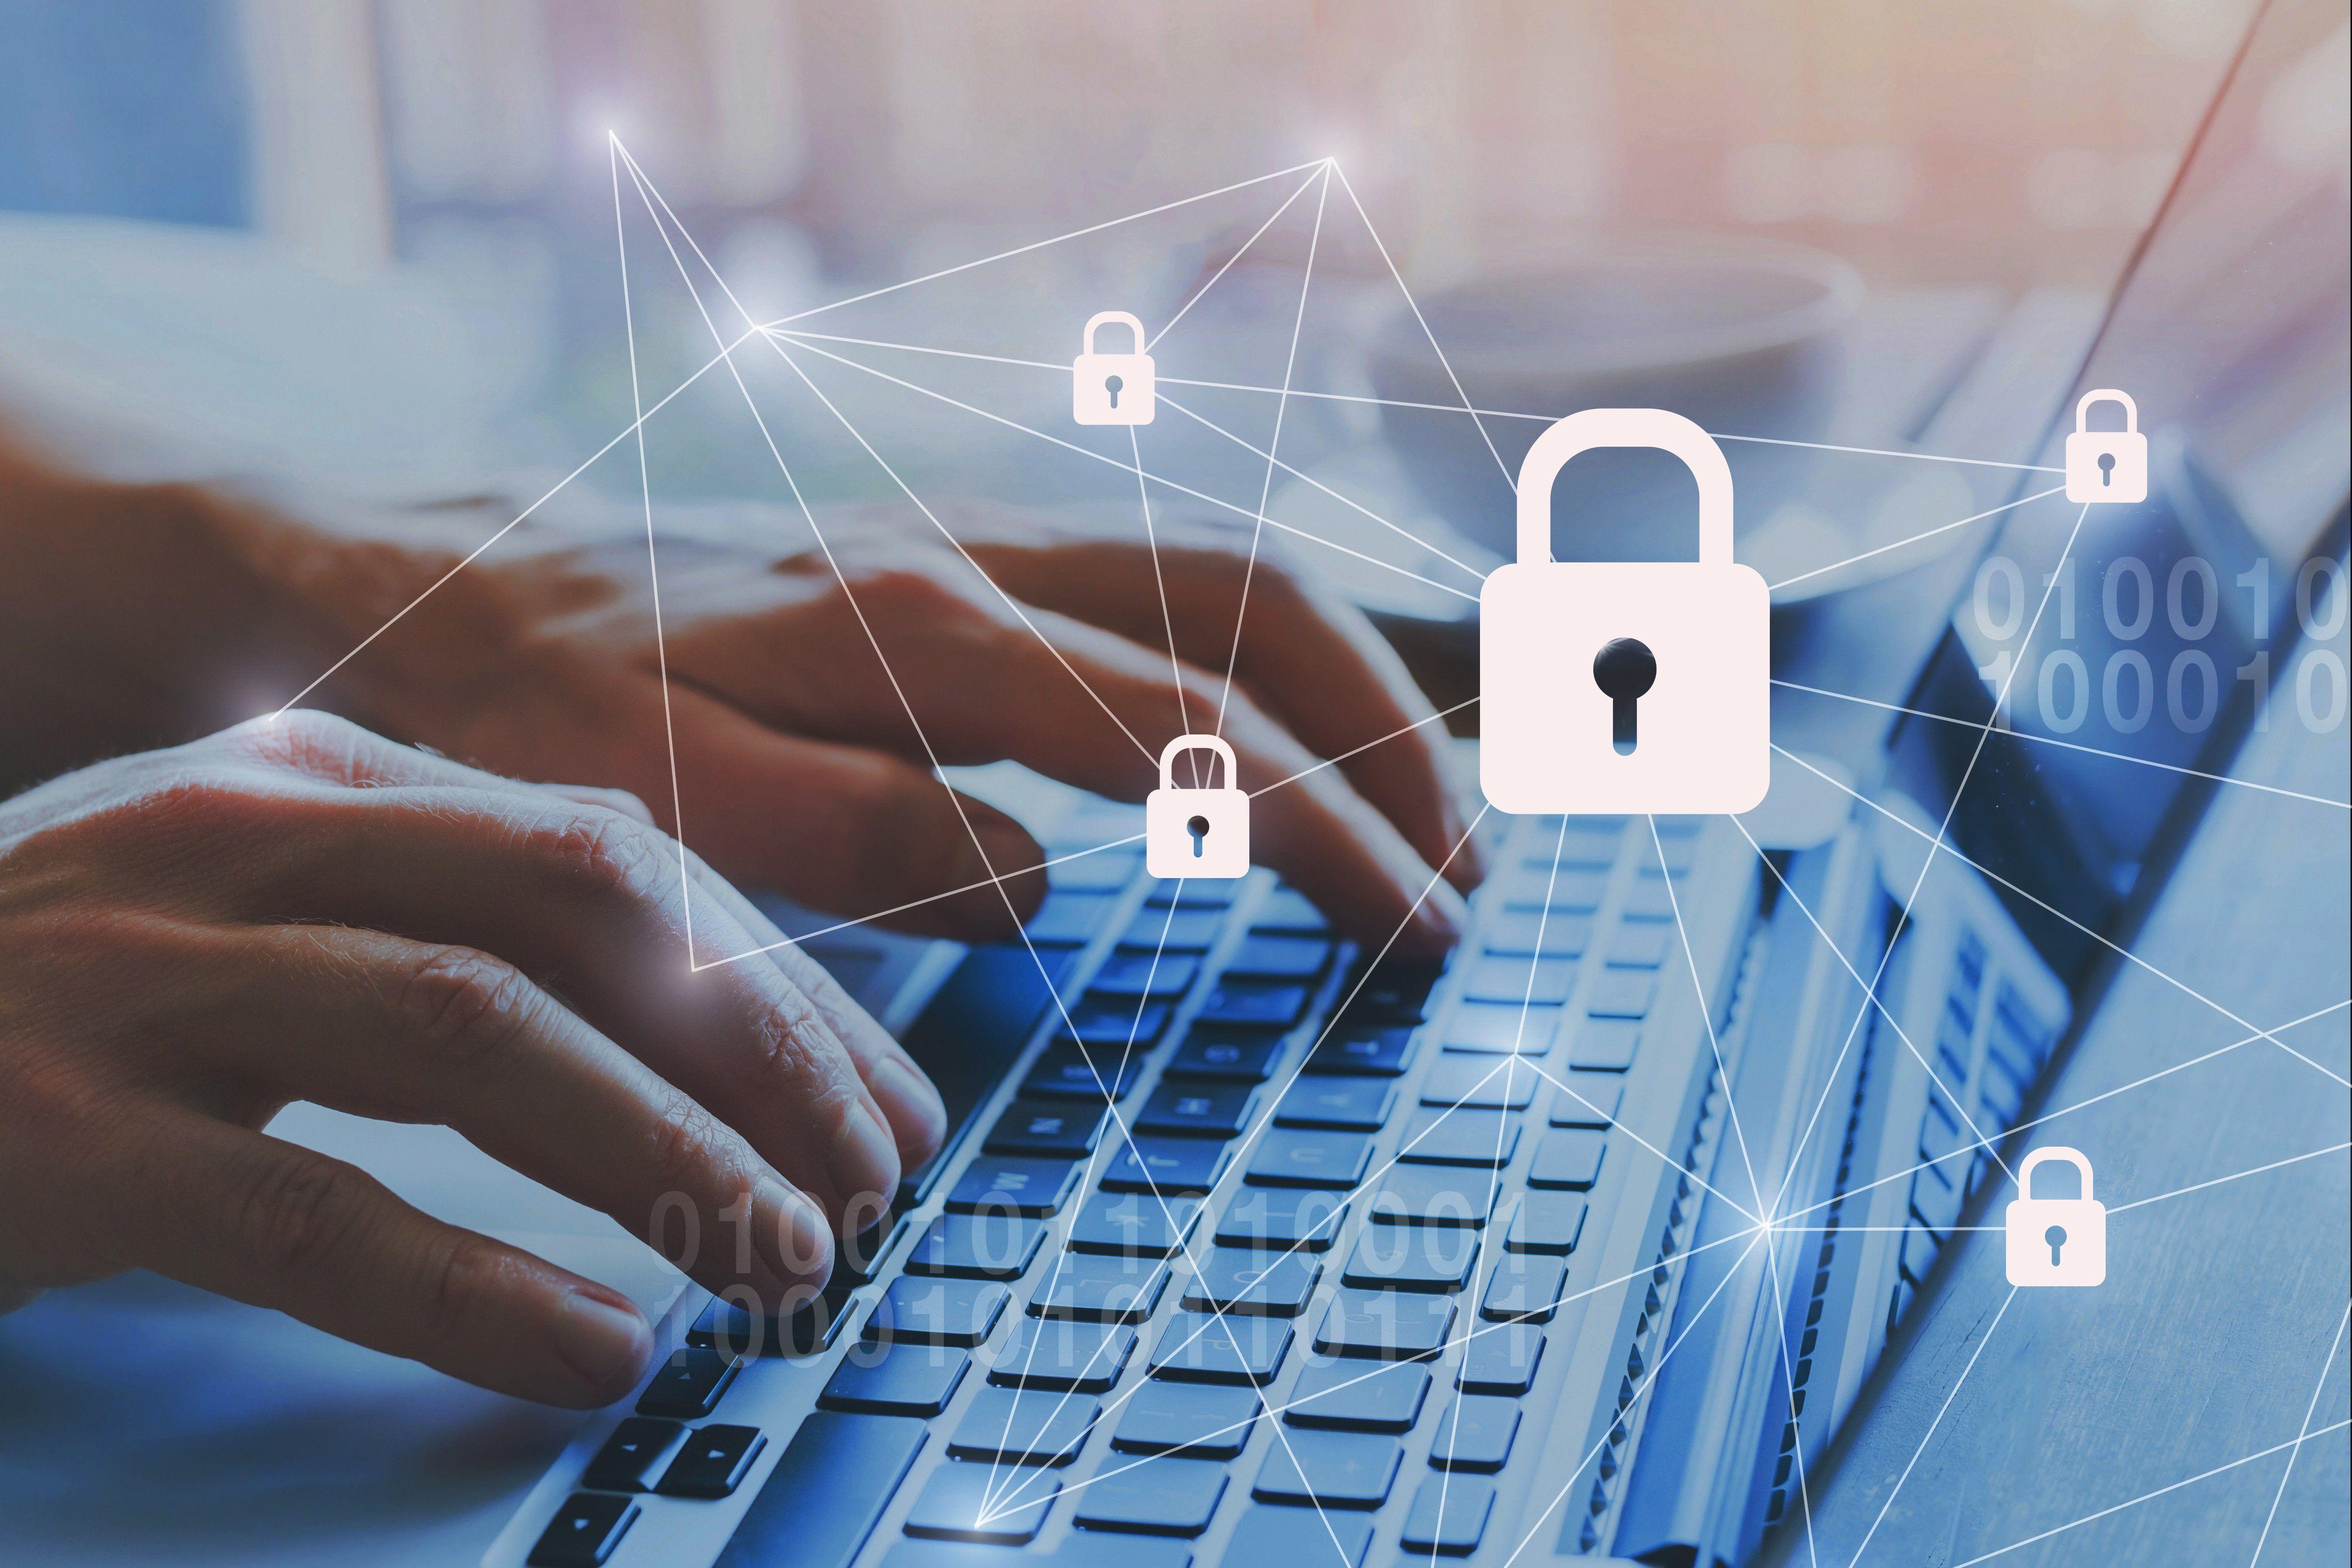 服务器高防_网络安全防护方案_无限